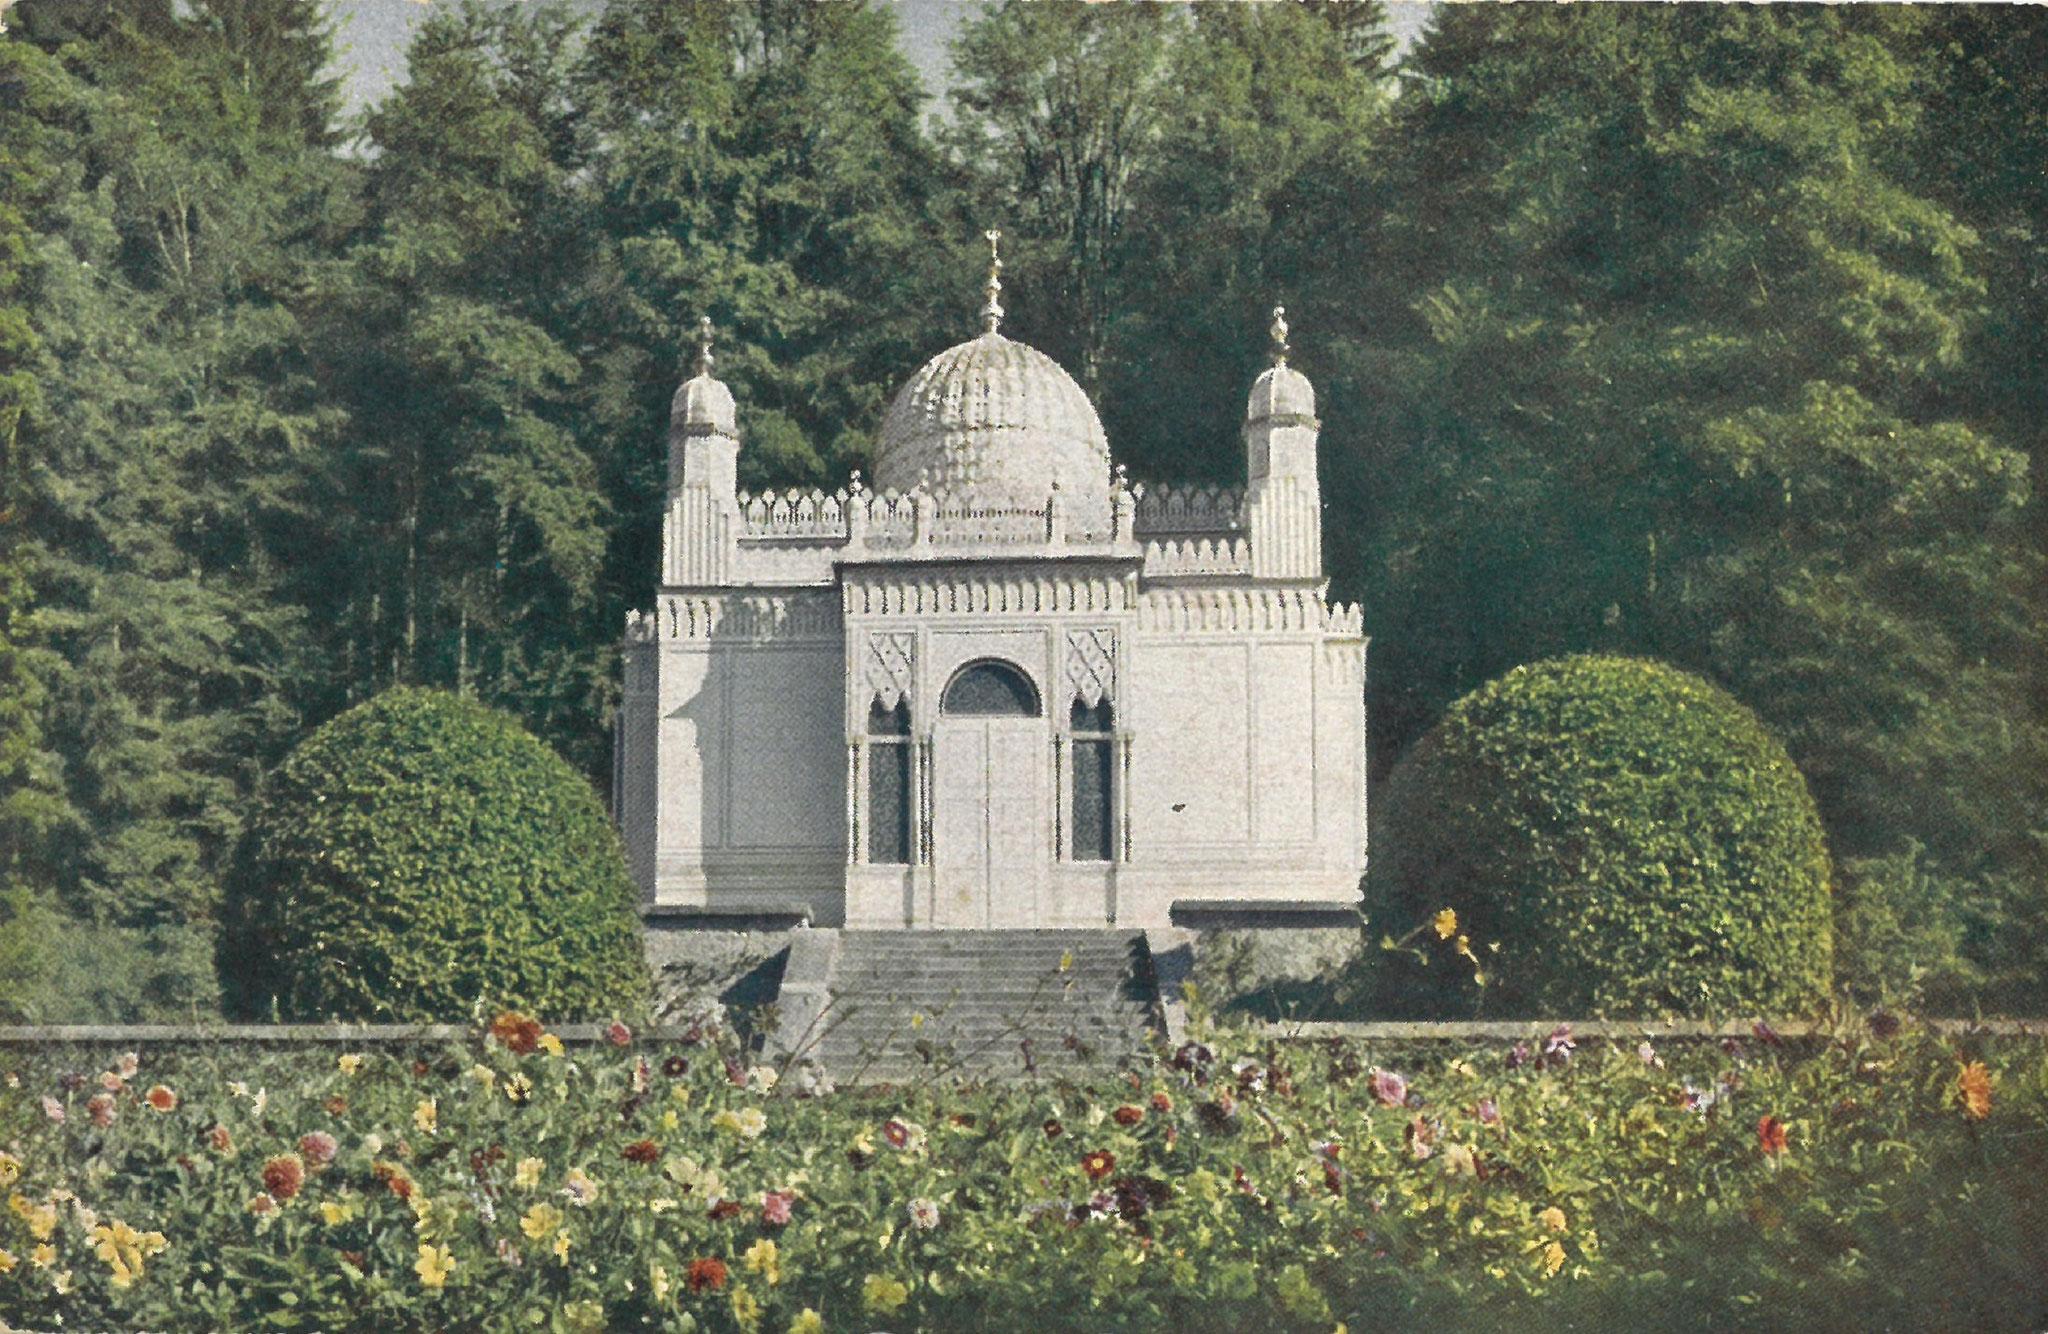 Maurischer Kiosk im Schlosspark Linderhof, Kiosk Bayern Karte von 1910 Gg. Lang sel. Erben Oberammergau Scan ICATAT